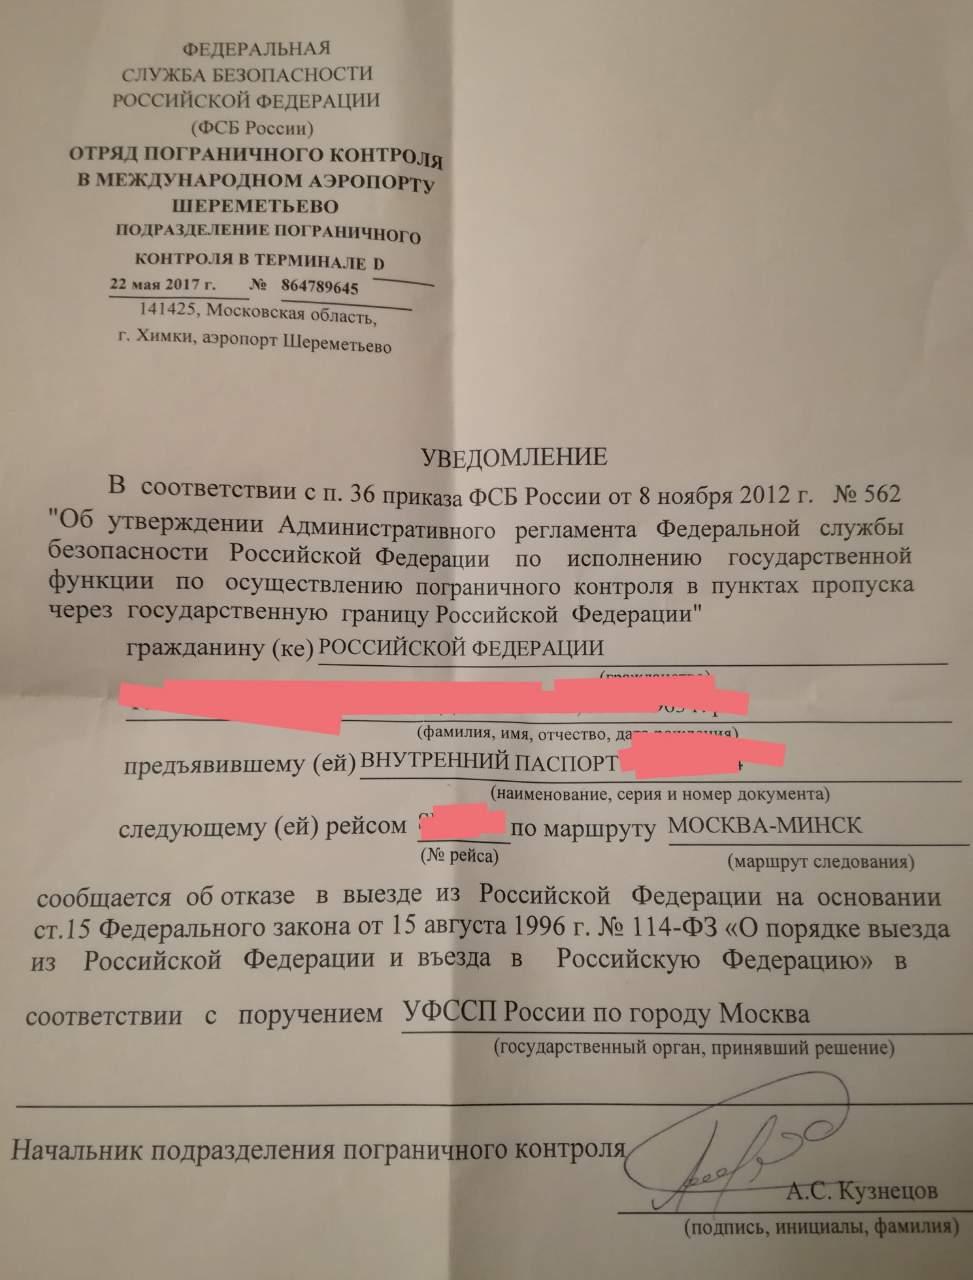 каждым годом как выехать из россии должнику 2015 проката: оформляется договор